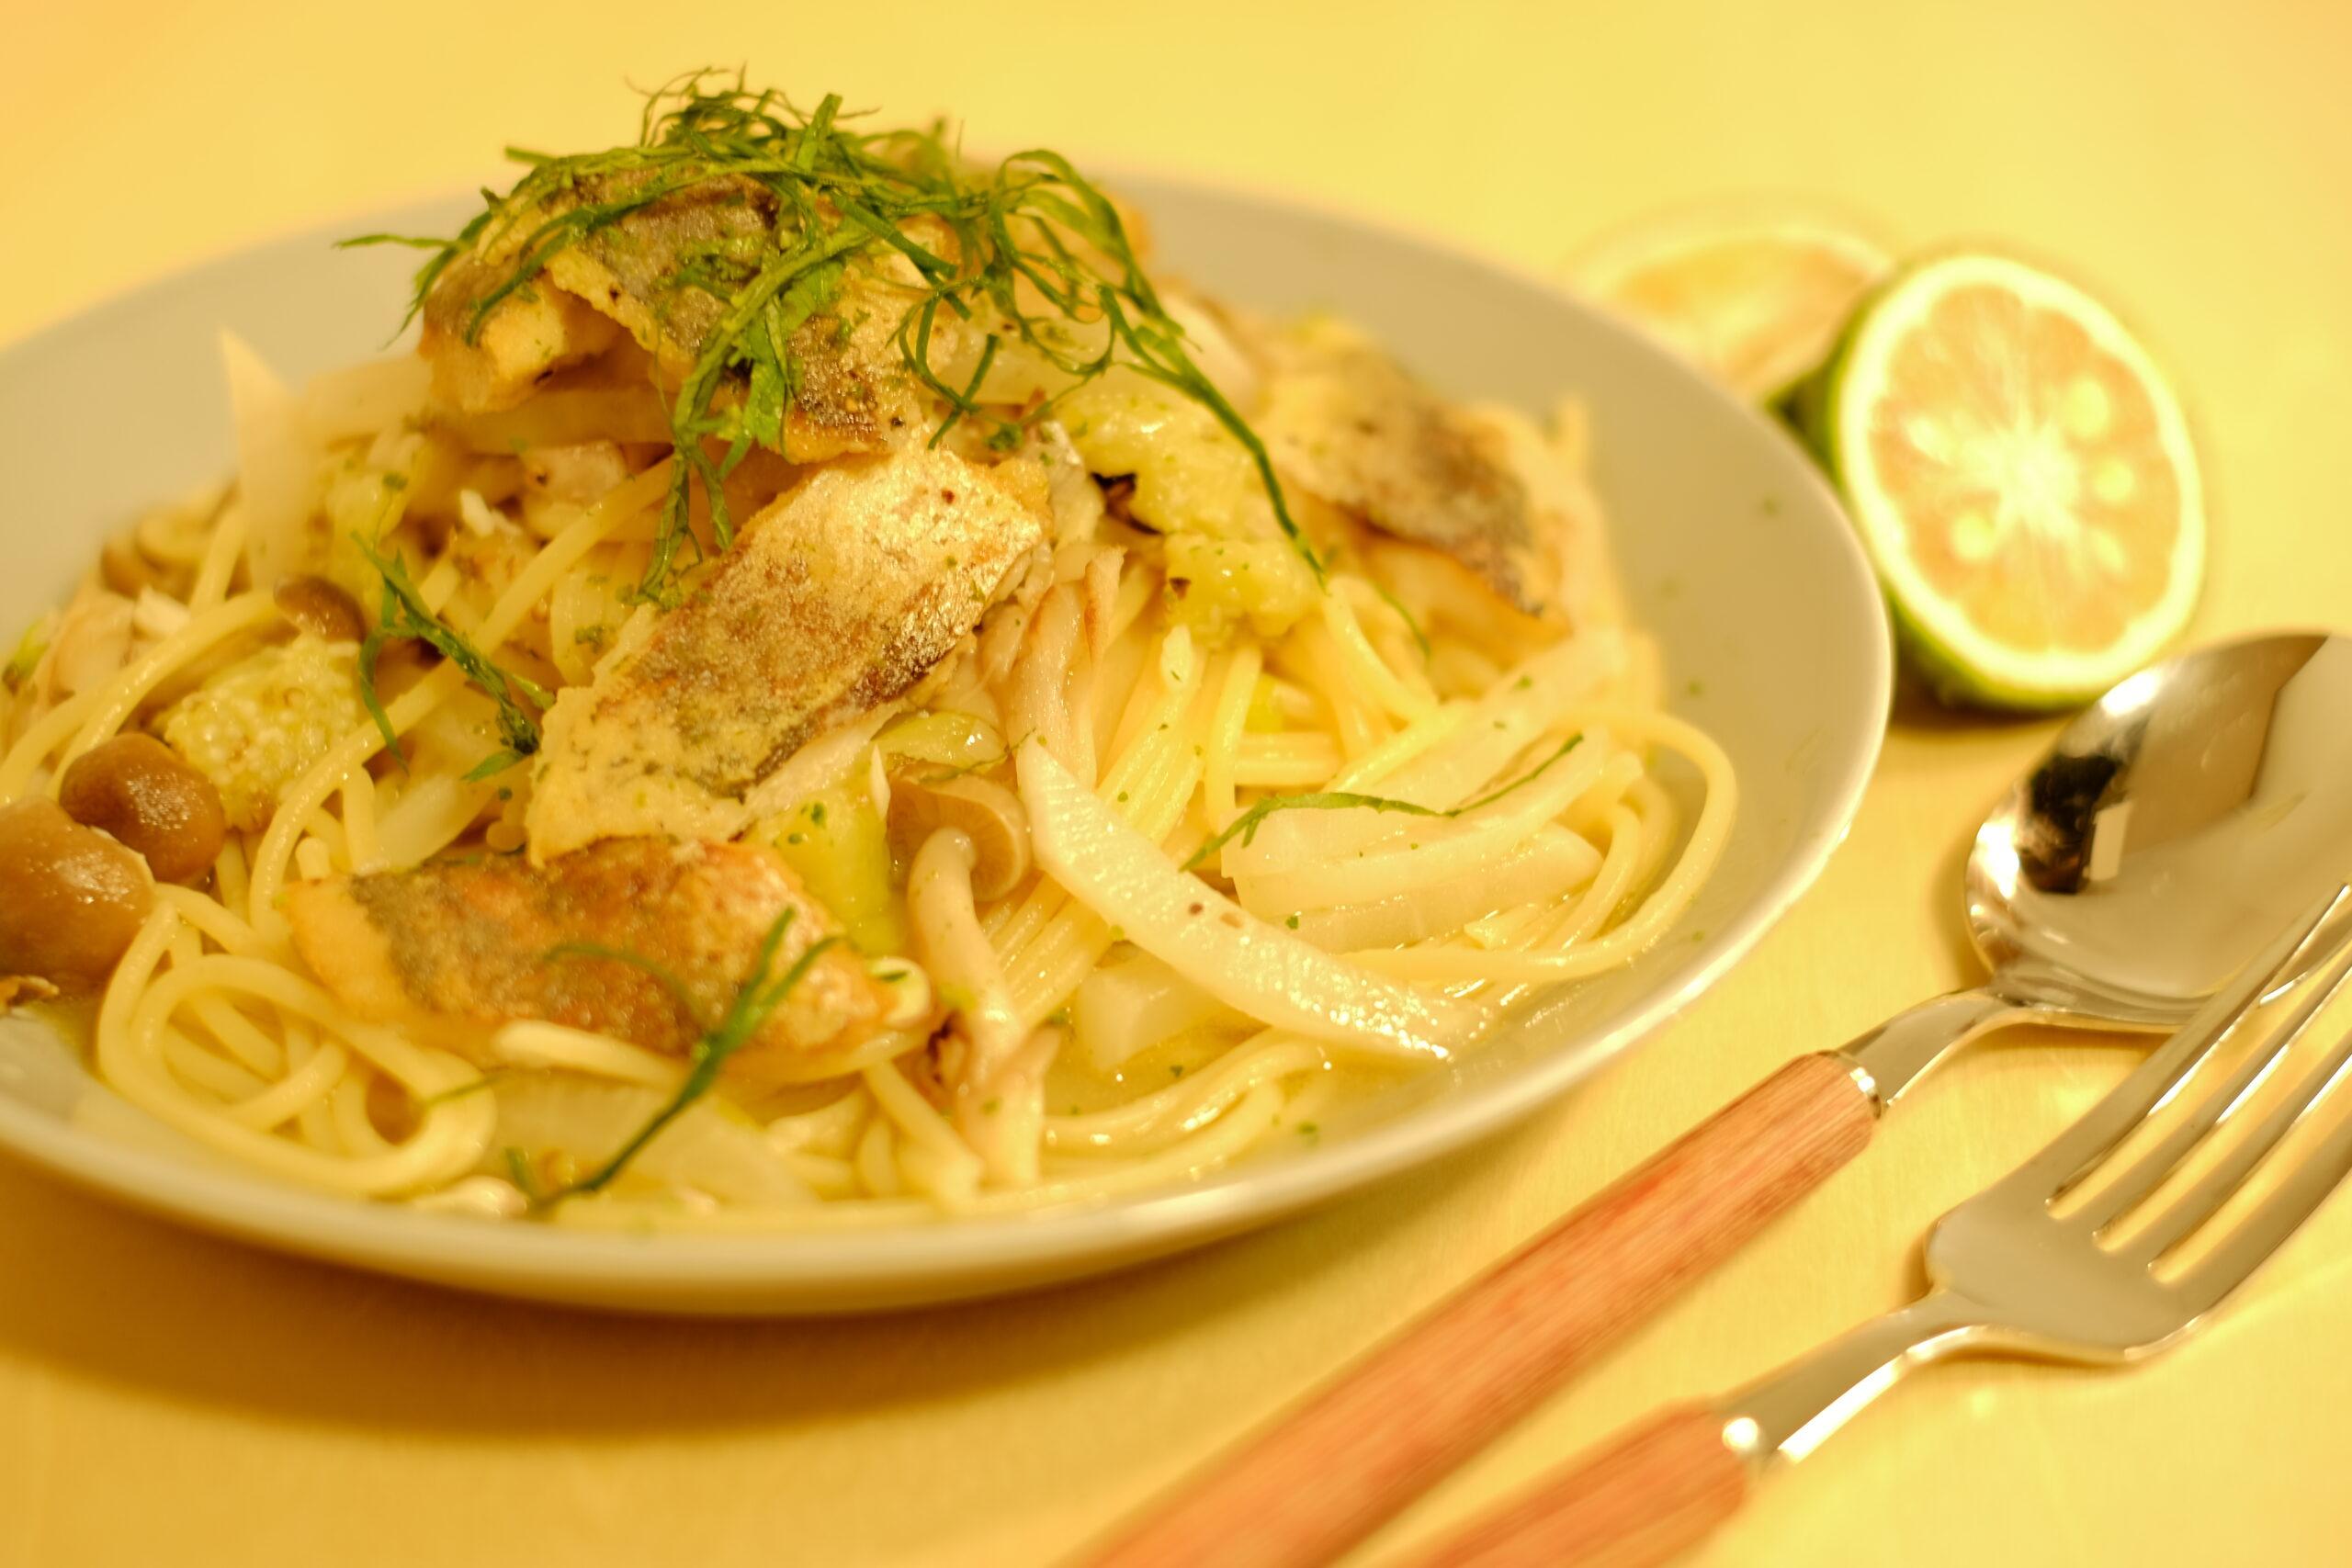 【秋香る】アジとキノコ焼き茄子のスパゲッティーニ青い酢みかん添えの完成画像1